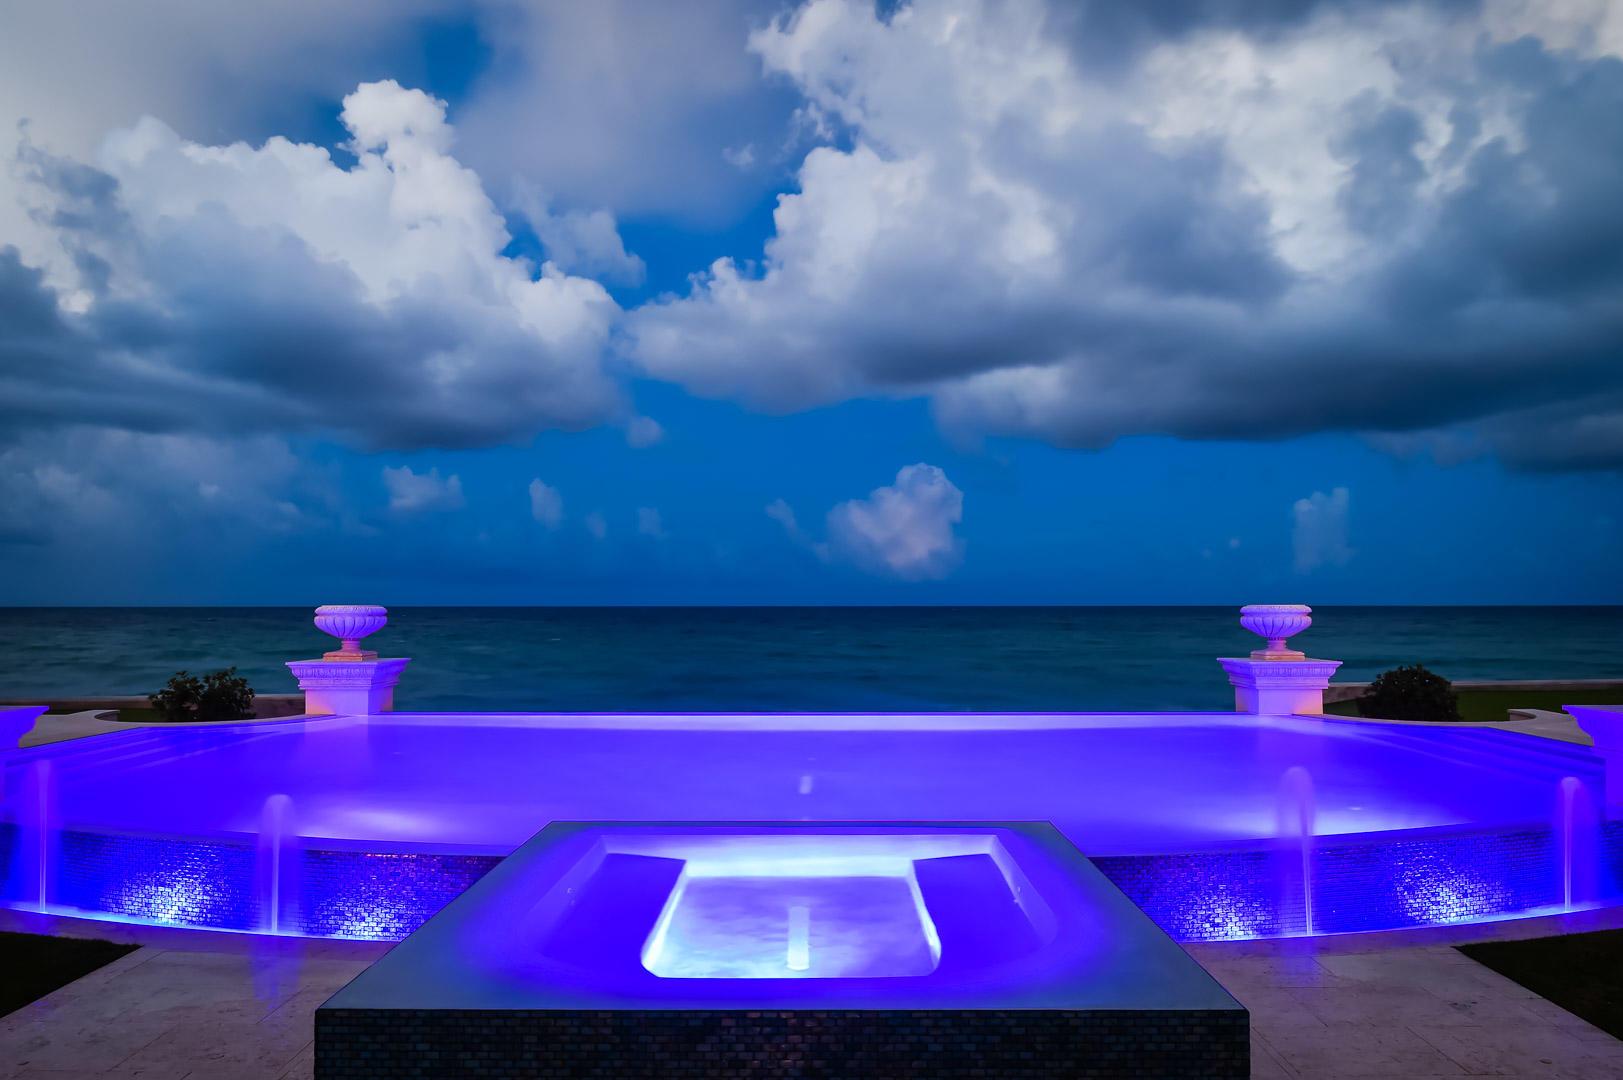 NEW SIEARS PALM BEACH FLORIDA